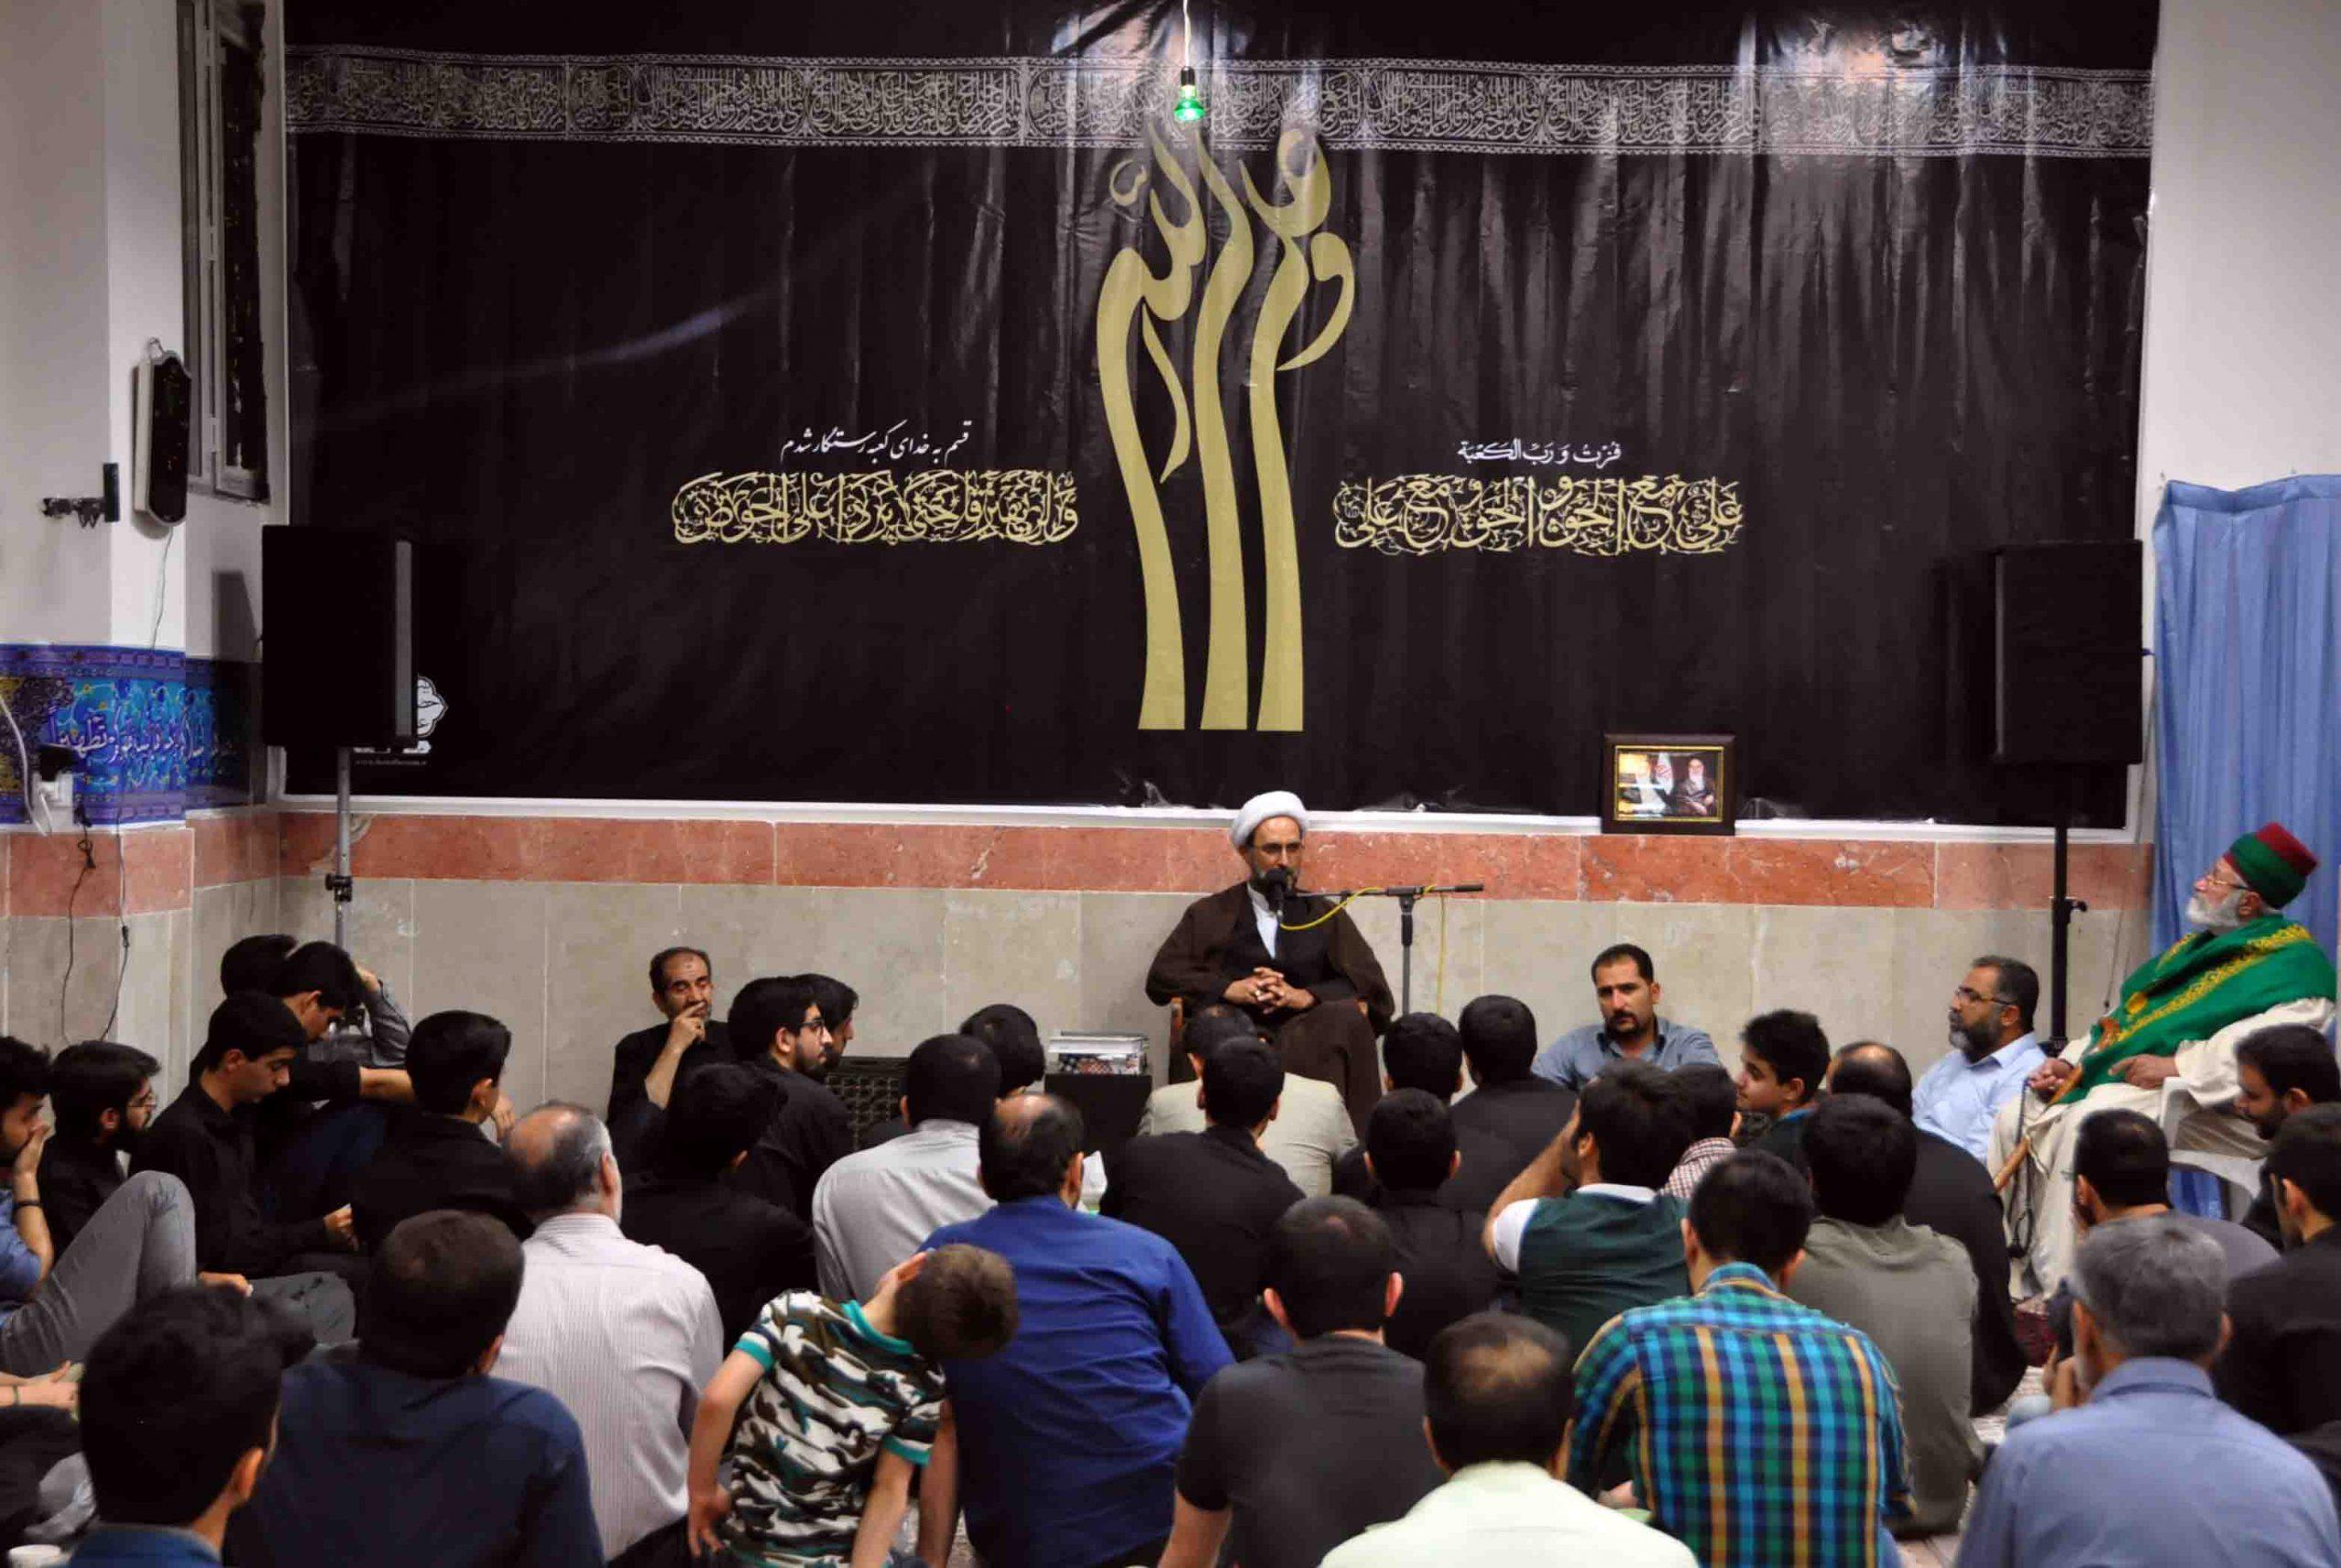 مراسم شب قدر ( شب ۱۹ ) + عکس و صوت